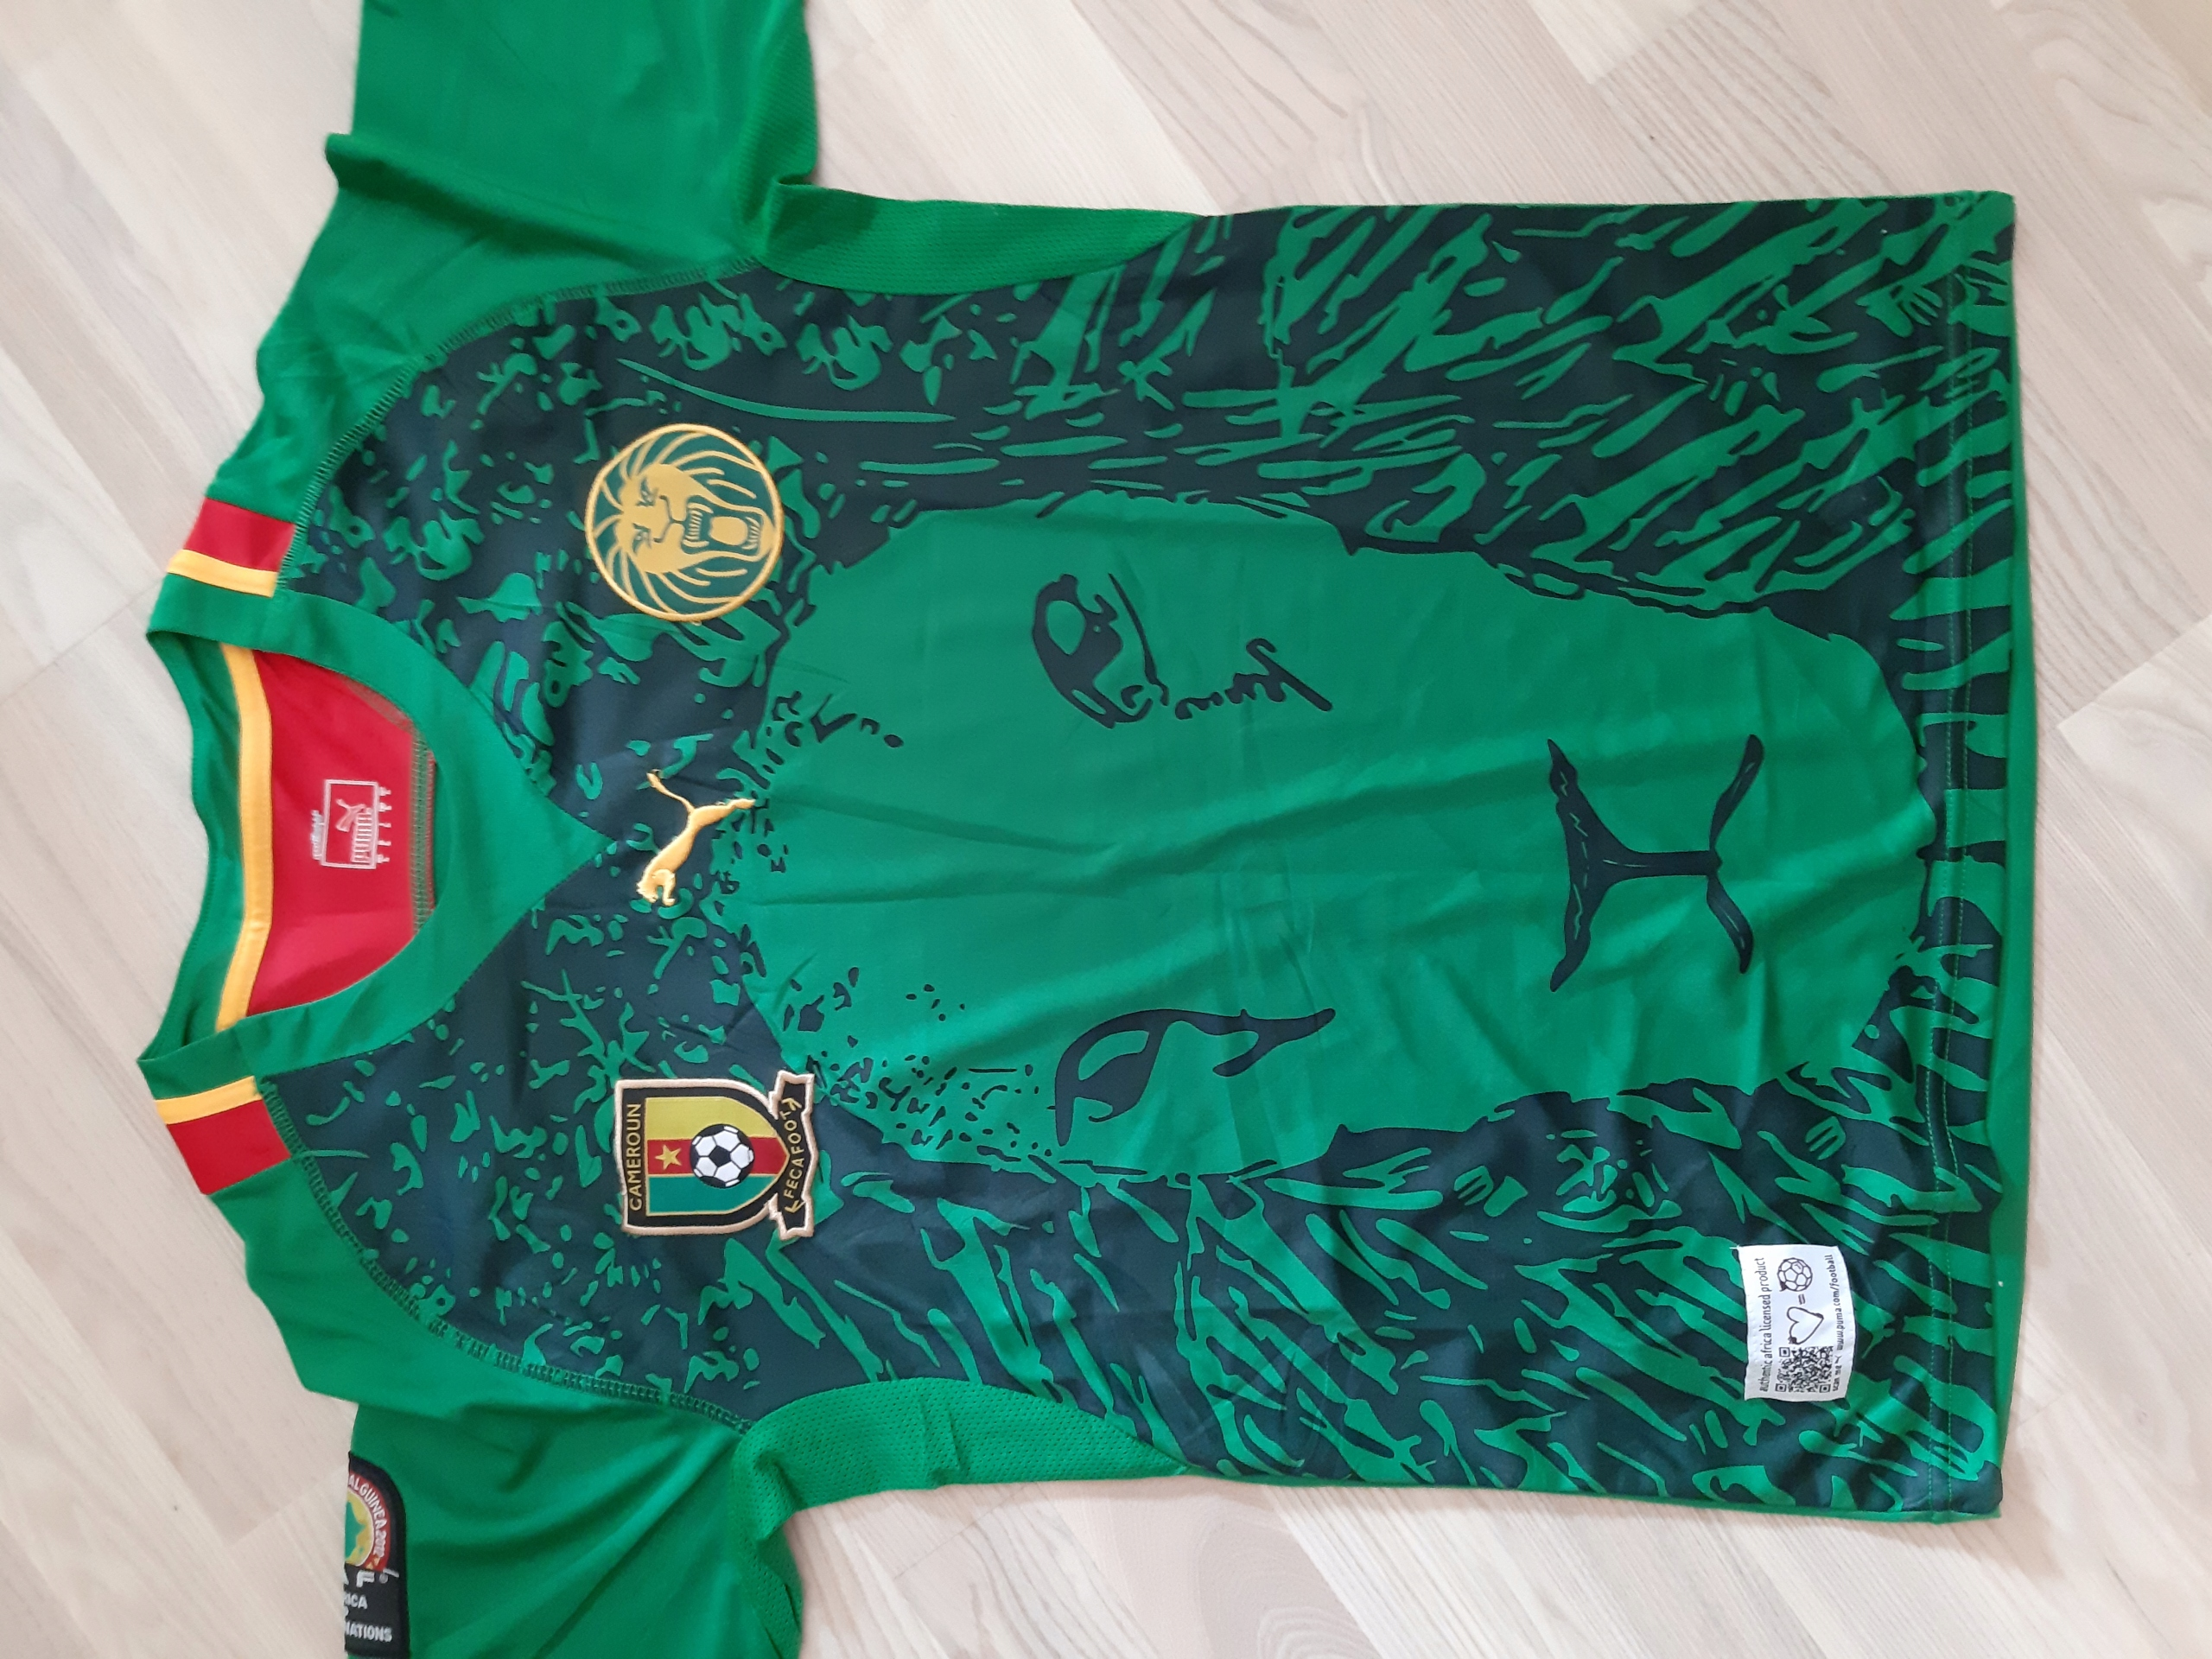 Koszulka Puma Kamerun Eto puchar narodów rozmiar L